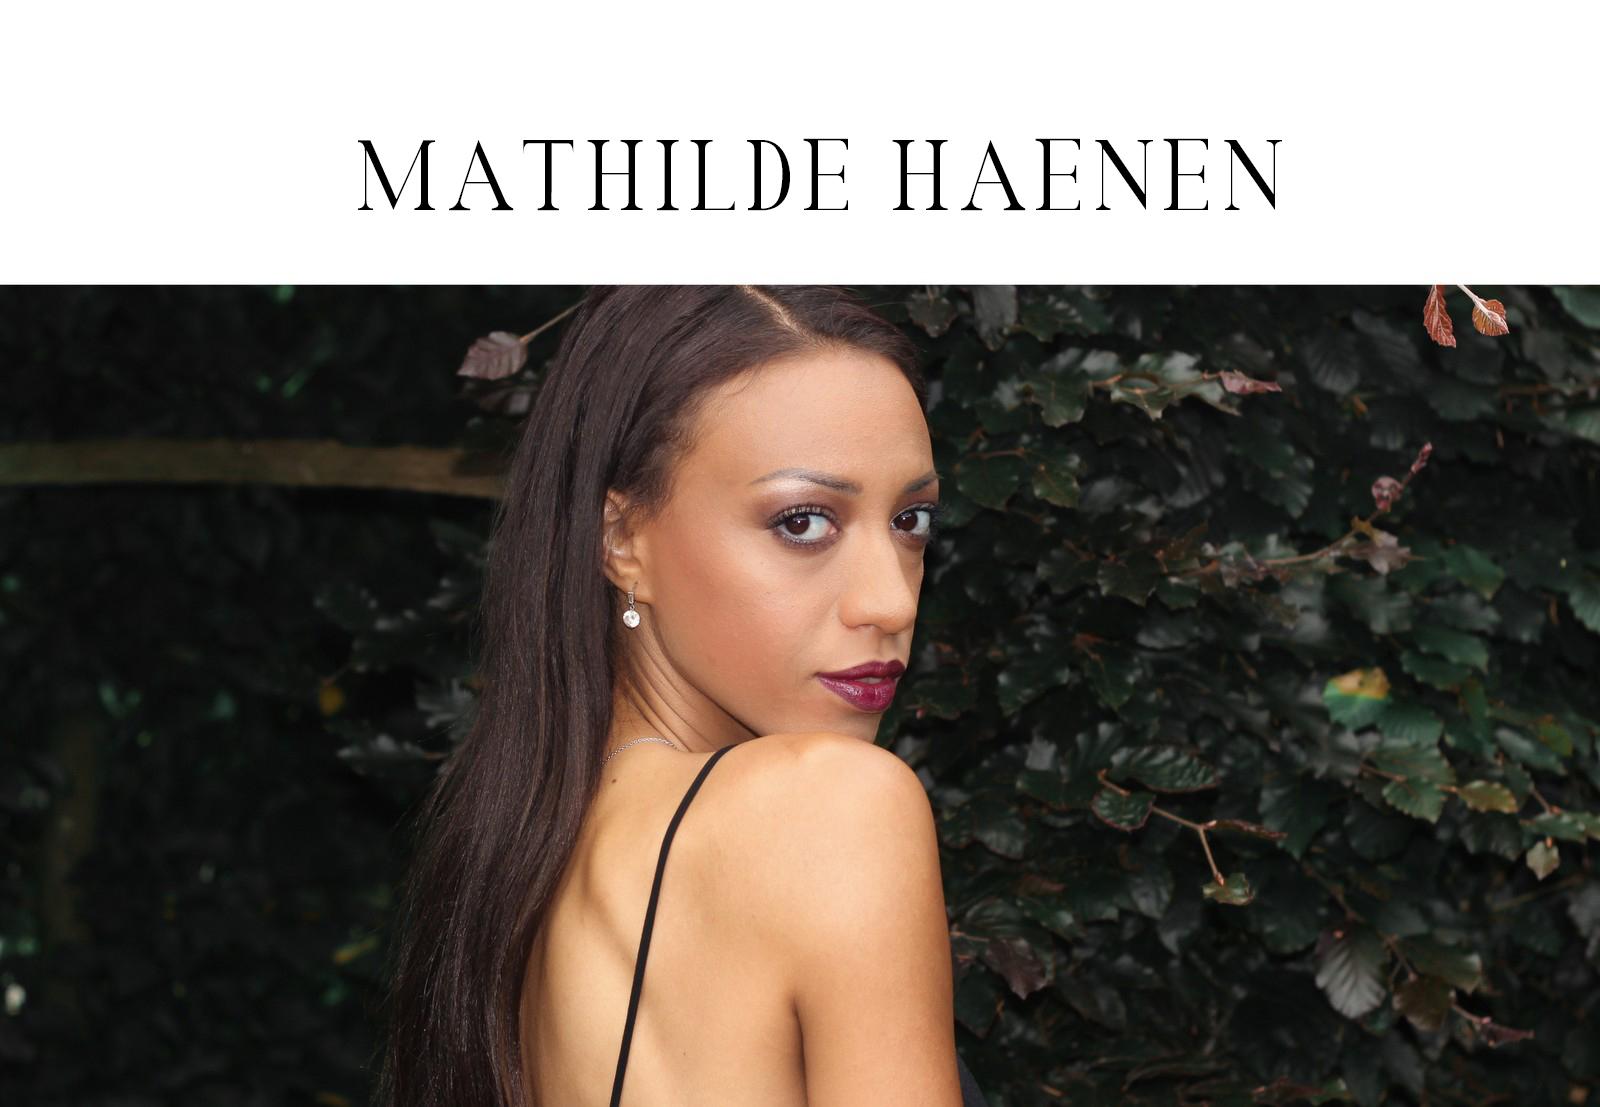 Mathilde Haenen